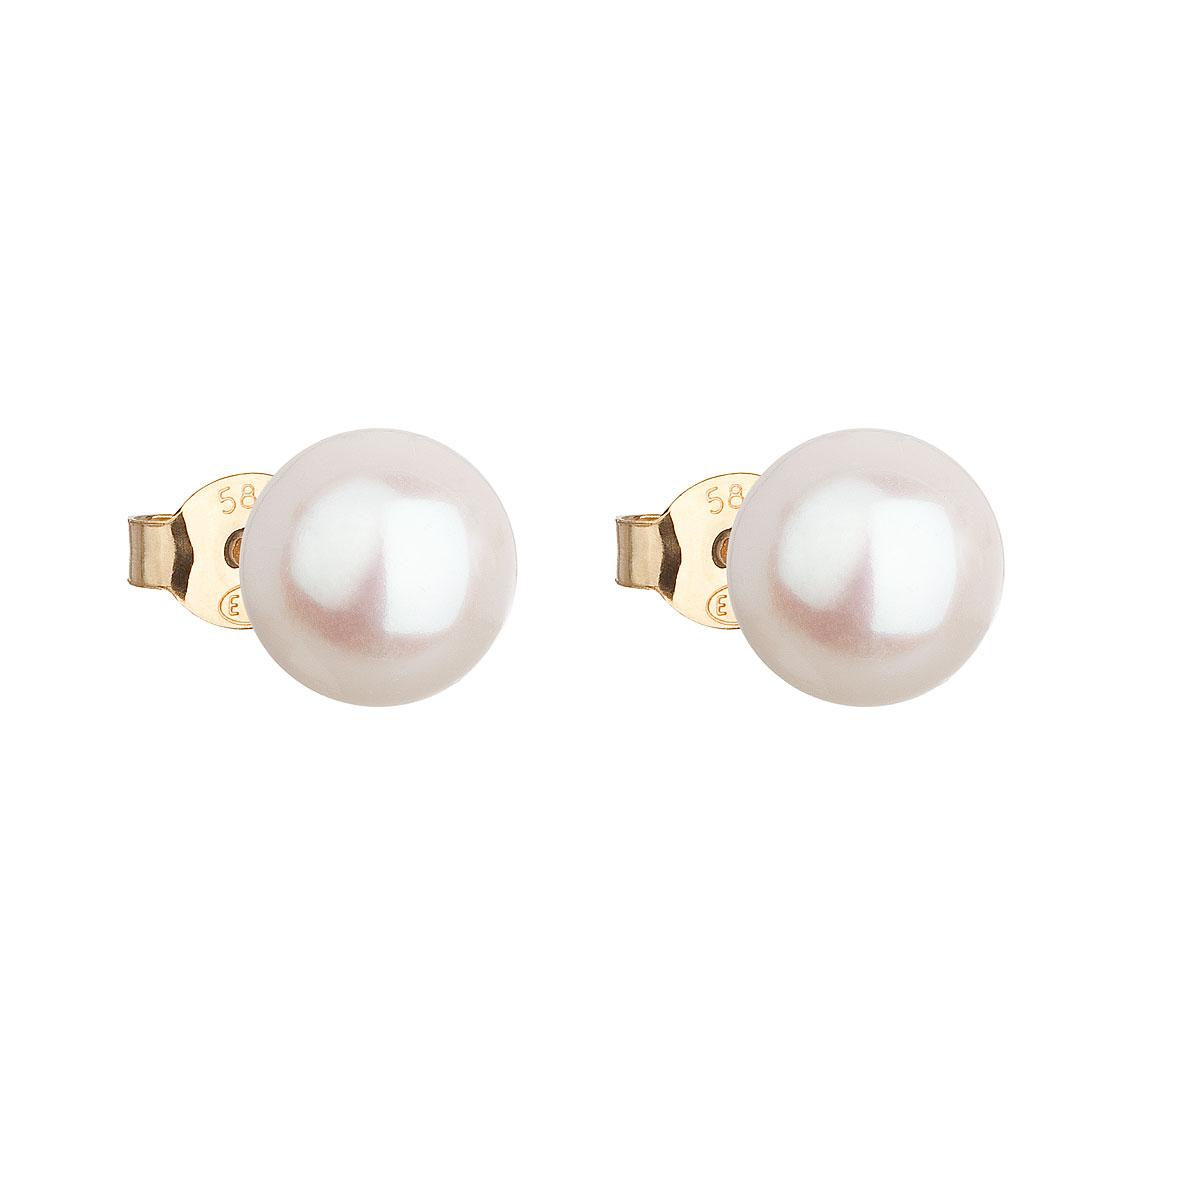 Evolution Group Zlaté 14 karátové náušnice pecky s bílou říční perlou 921042.1